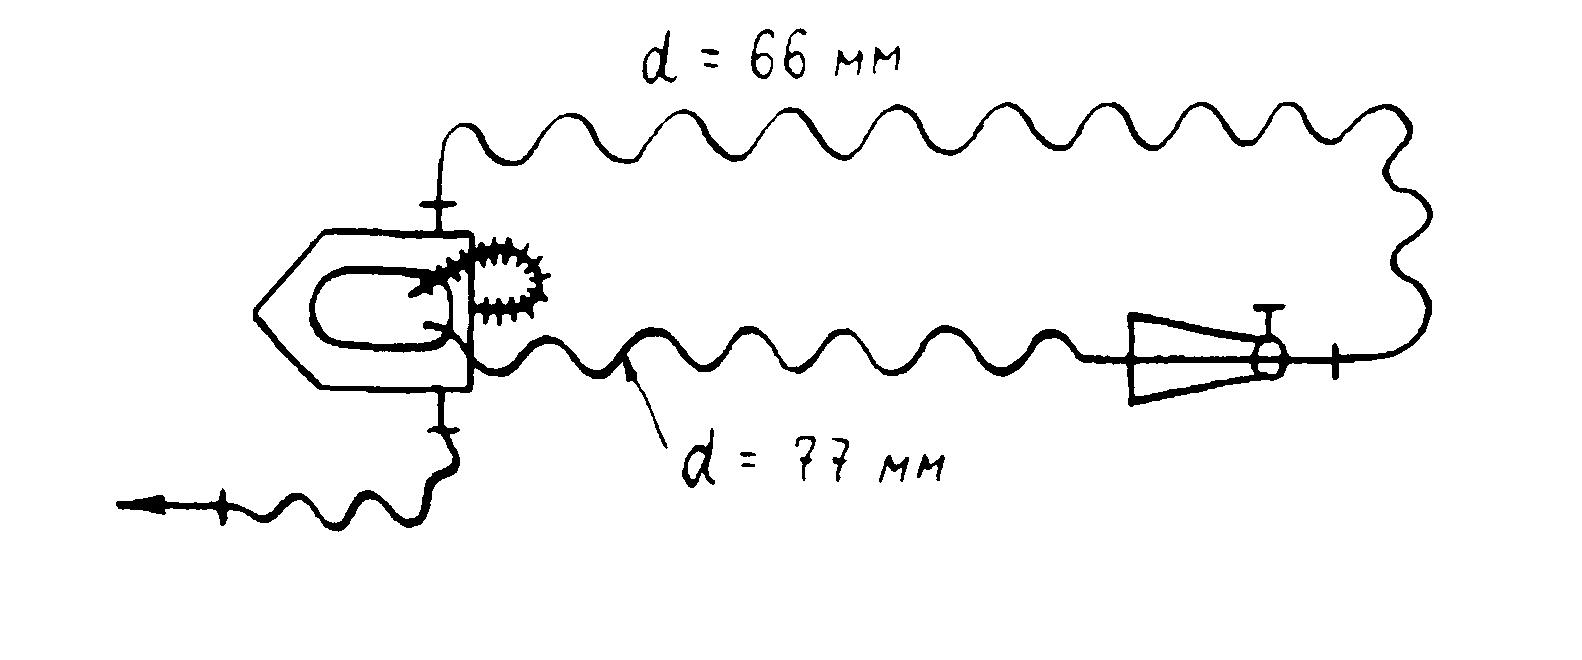 Схема при заборе воды насос-гидроэлеватор-цистерна-насос